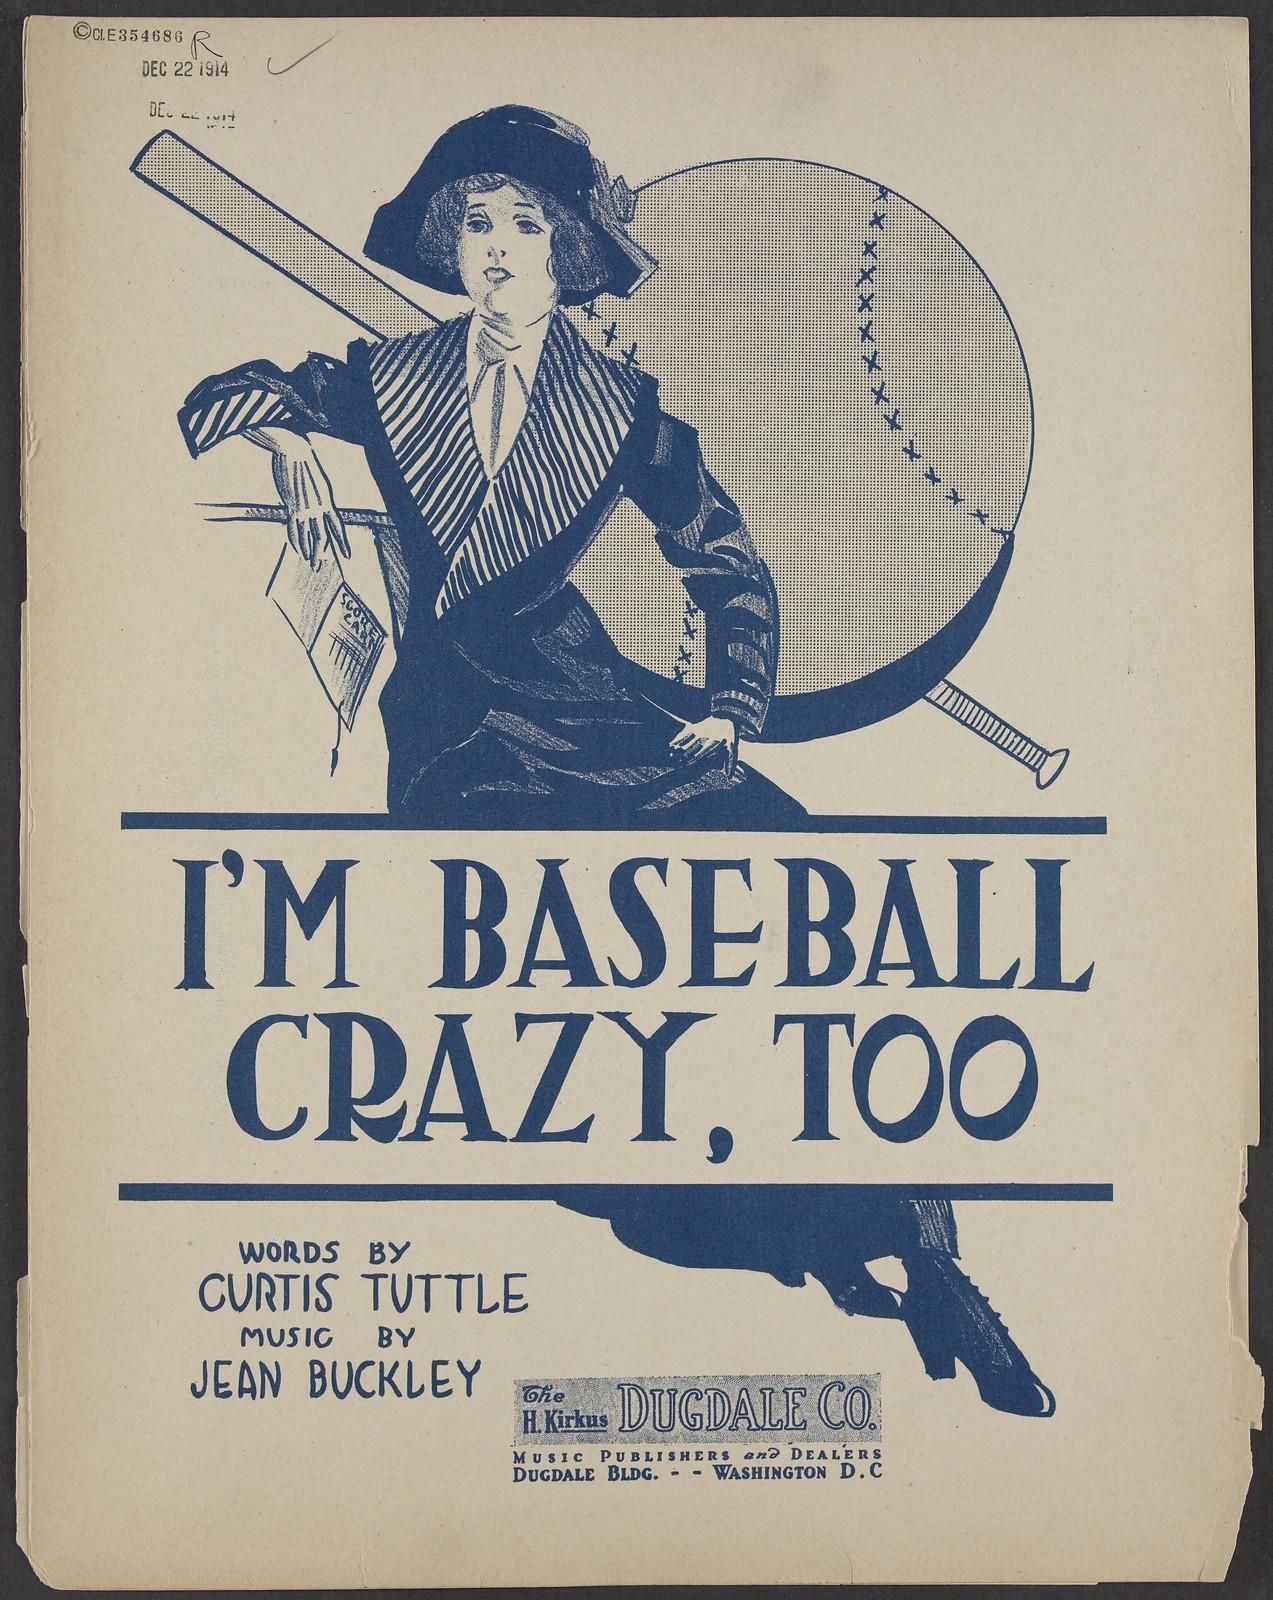 I'm baseball crazy, too